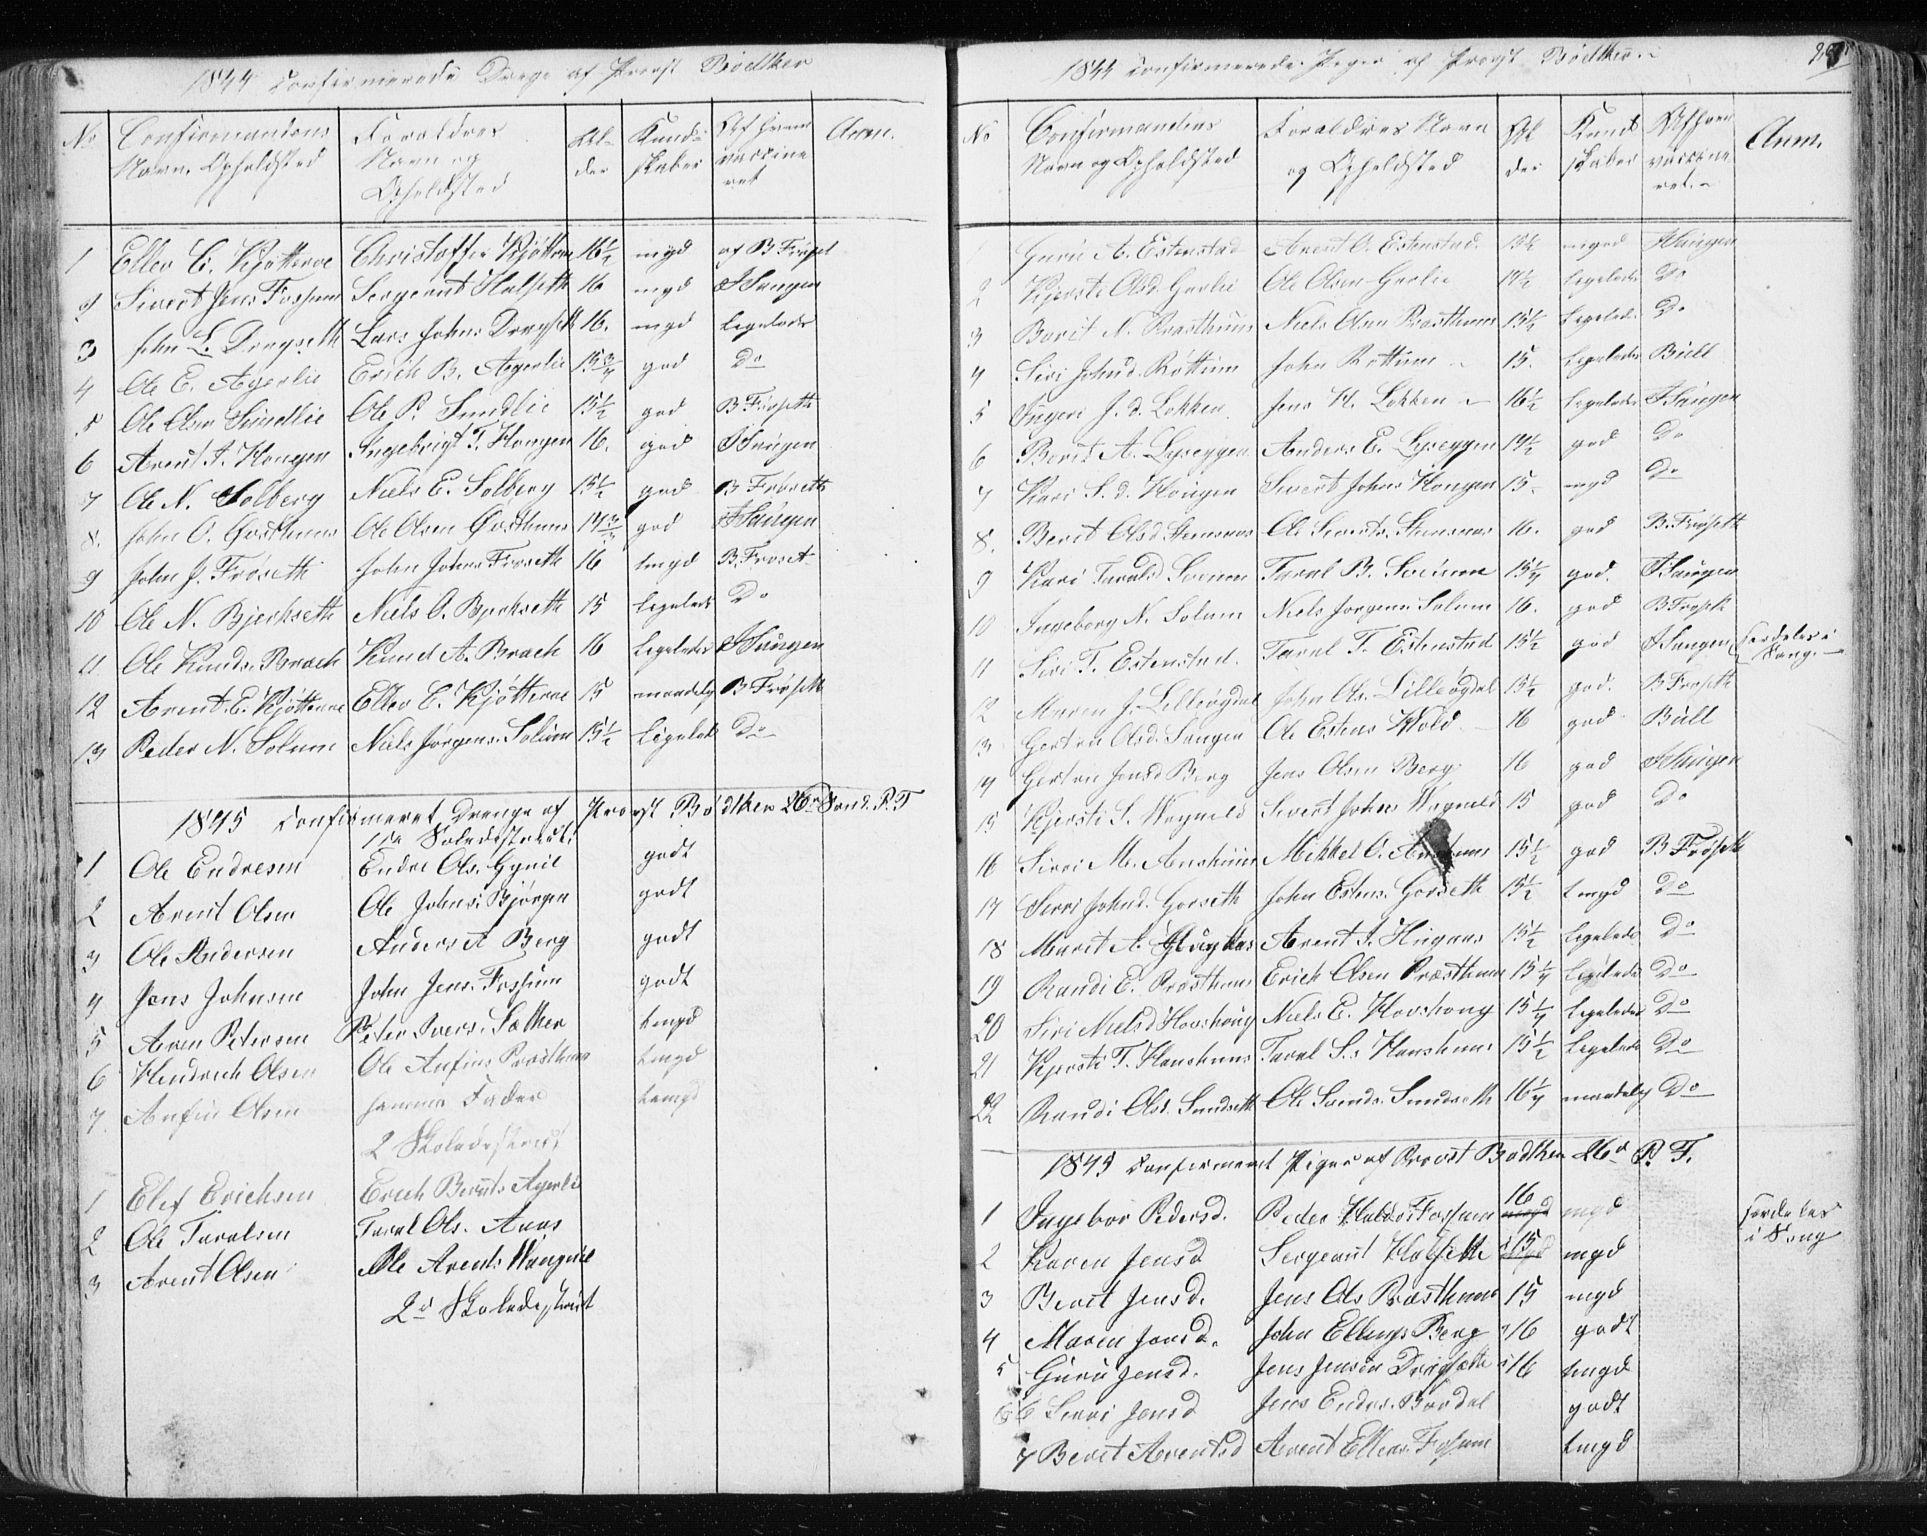 SAT, Ministerialprotokoller, klokkerbøker og fødselsregistre - Sør-Trøndelag, 689/L1043: Klokkerbok nr. 689C02, 1816-1892, s. 267